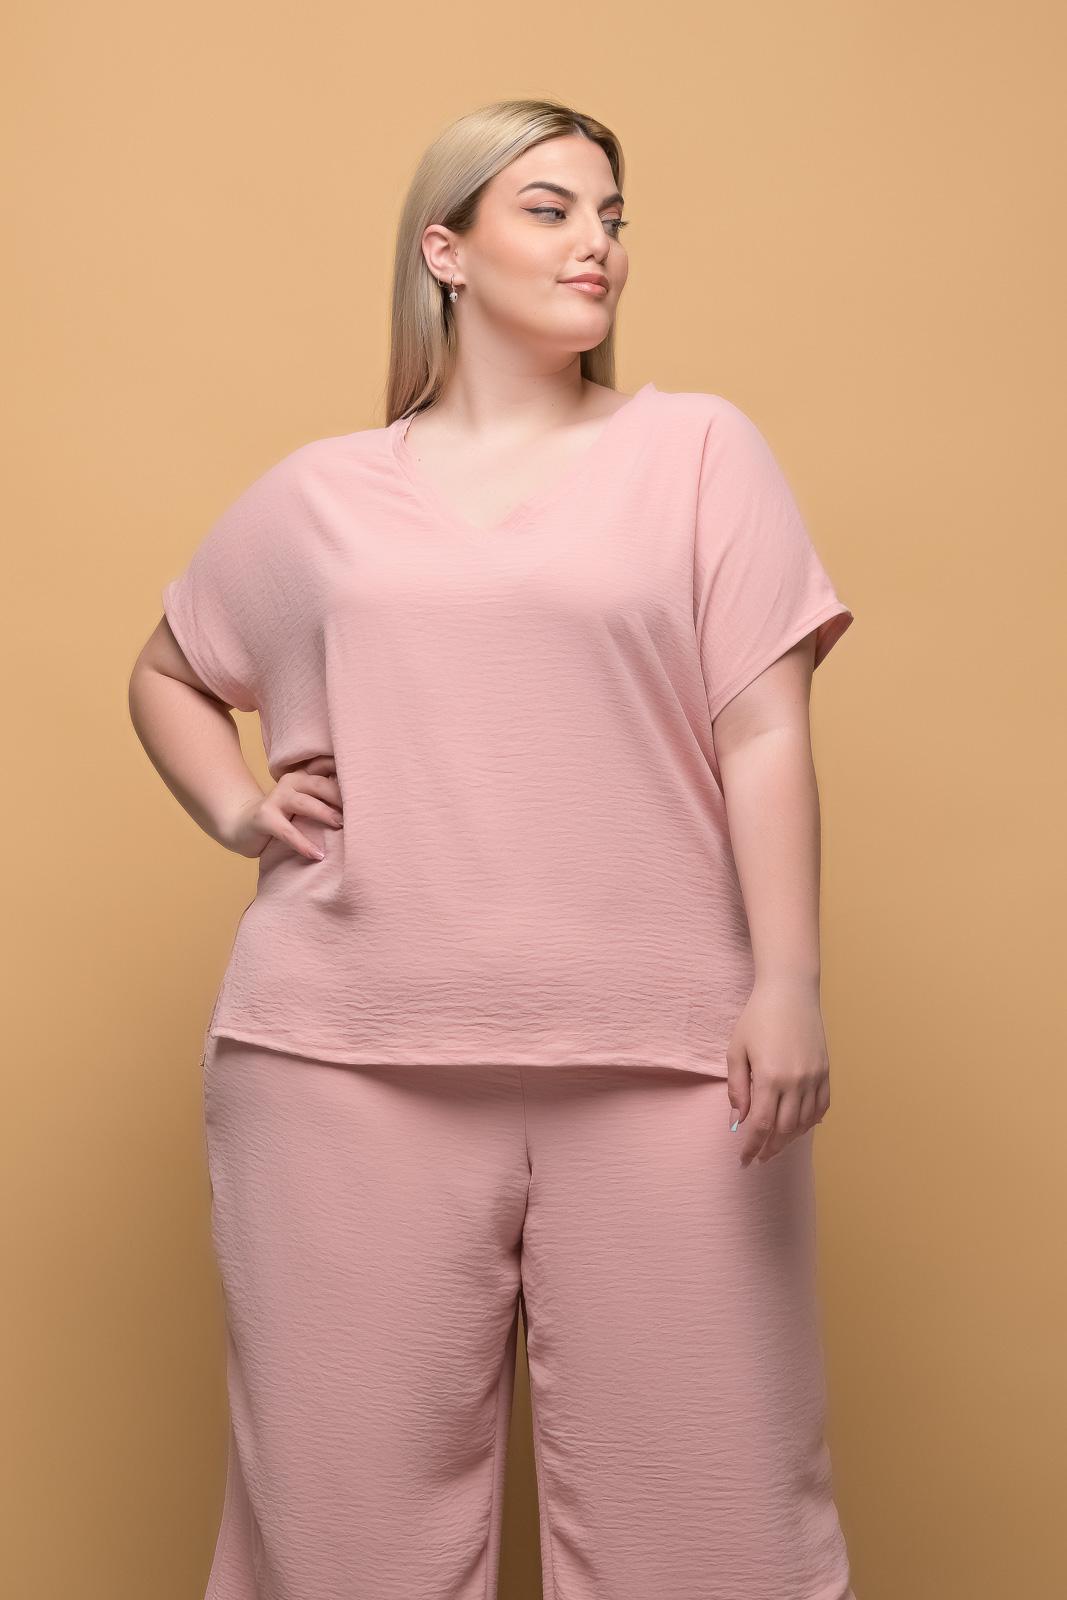 Μπλούζα μεγάλα μεγέθη ανάλαφρη σομόν με λαιμόκοψη.Στο eshop μας θα βρείτε οικονομικά γυναίκεια ρούχα σε μεγάλα μεγέθη και υπερμεγέθη.